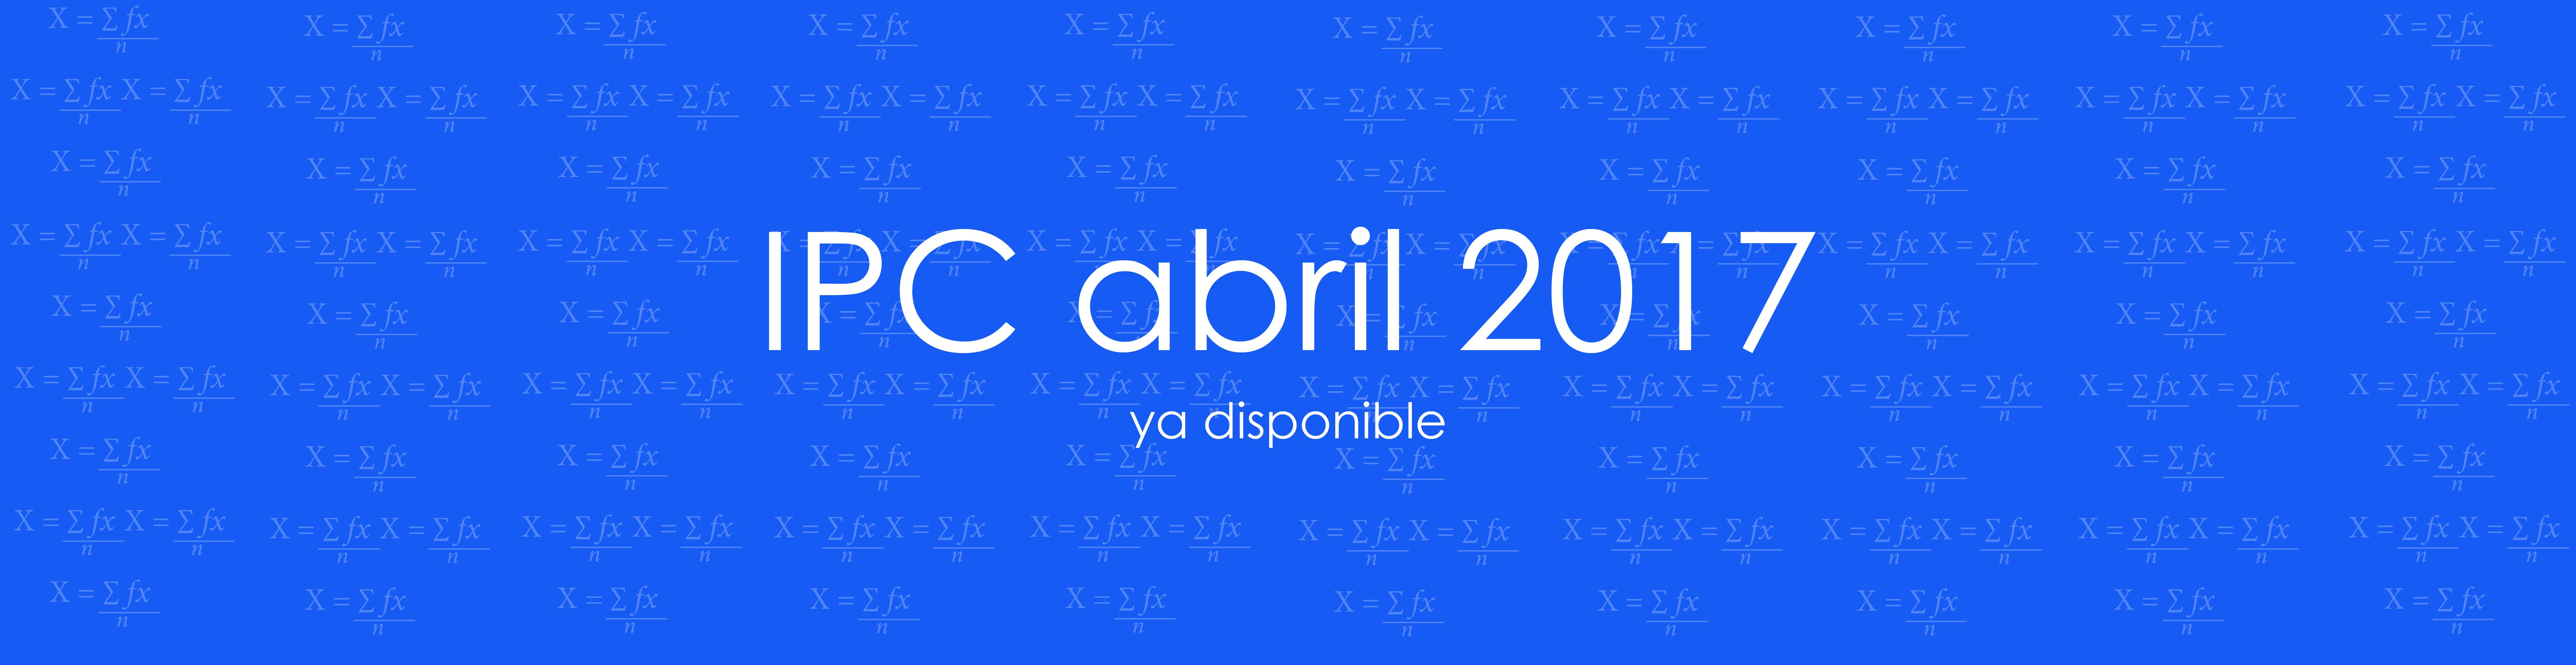 Informe mensual del IPC al mes de abril de 2017